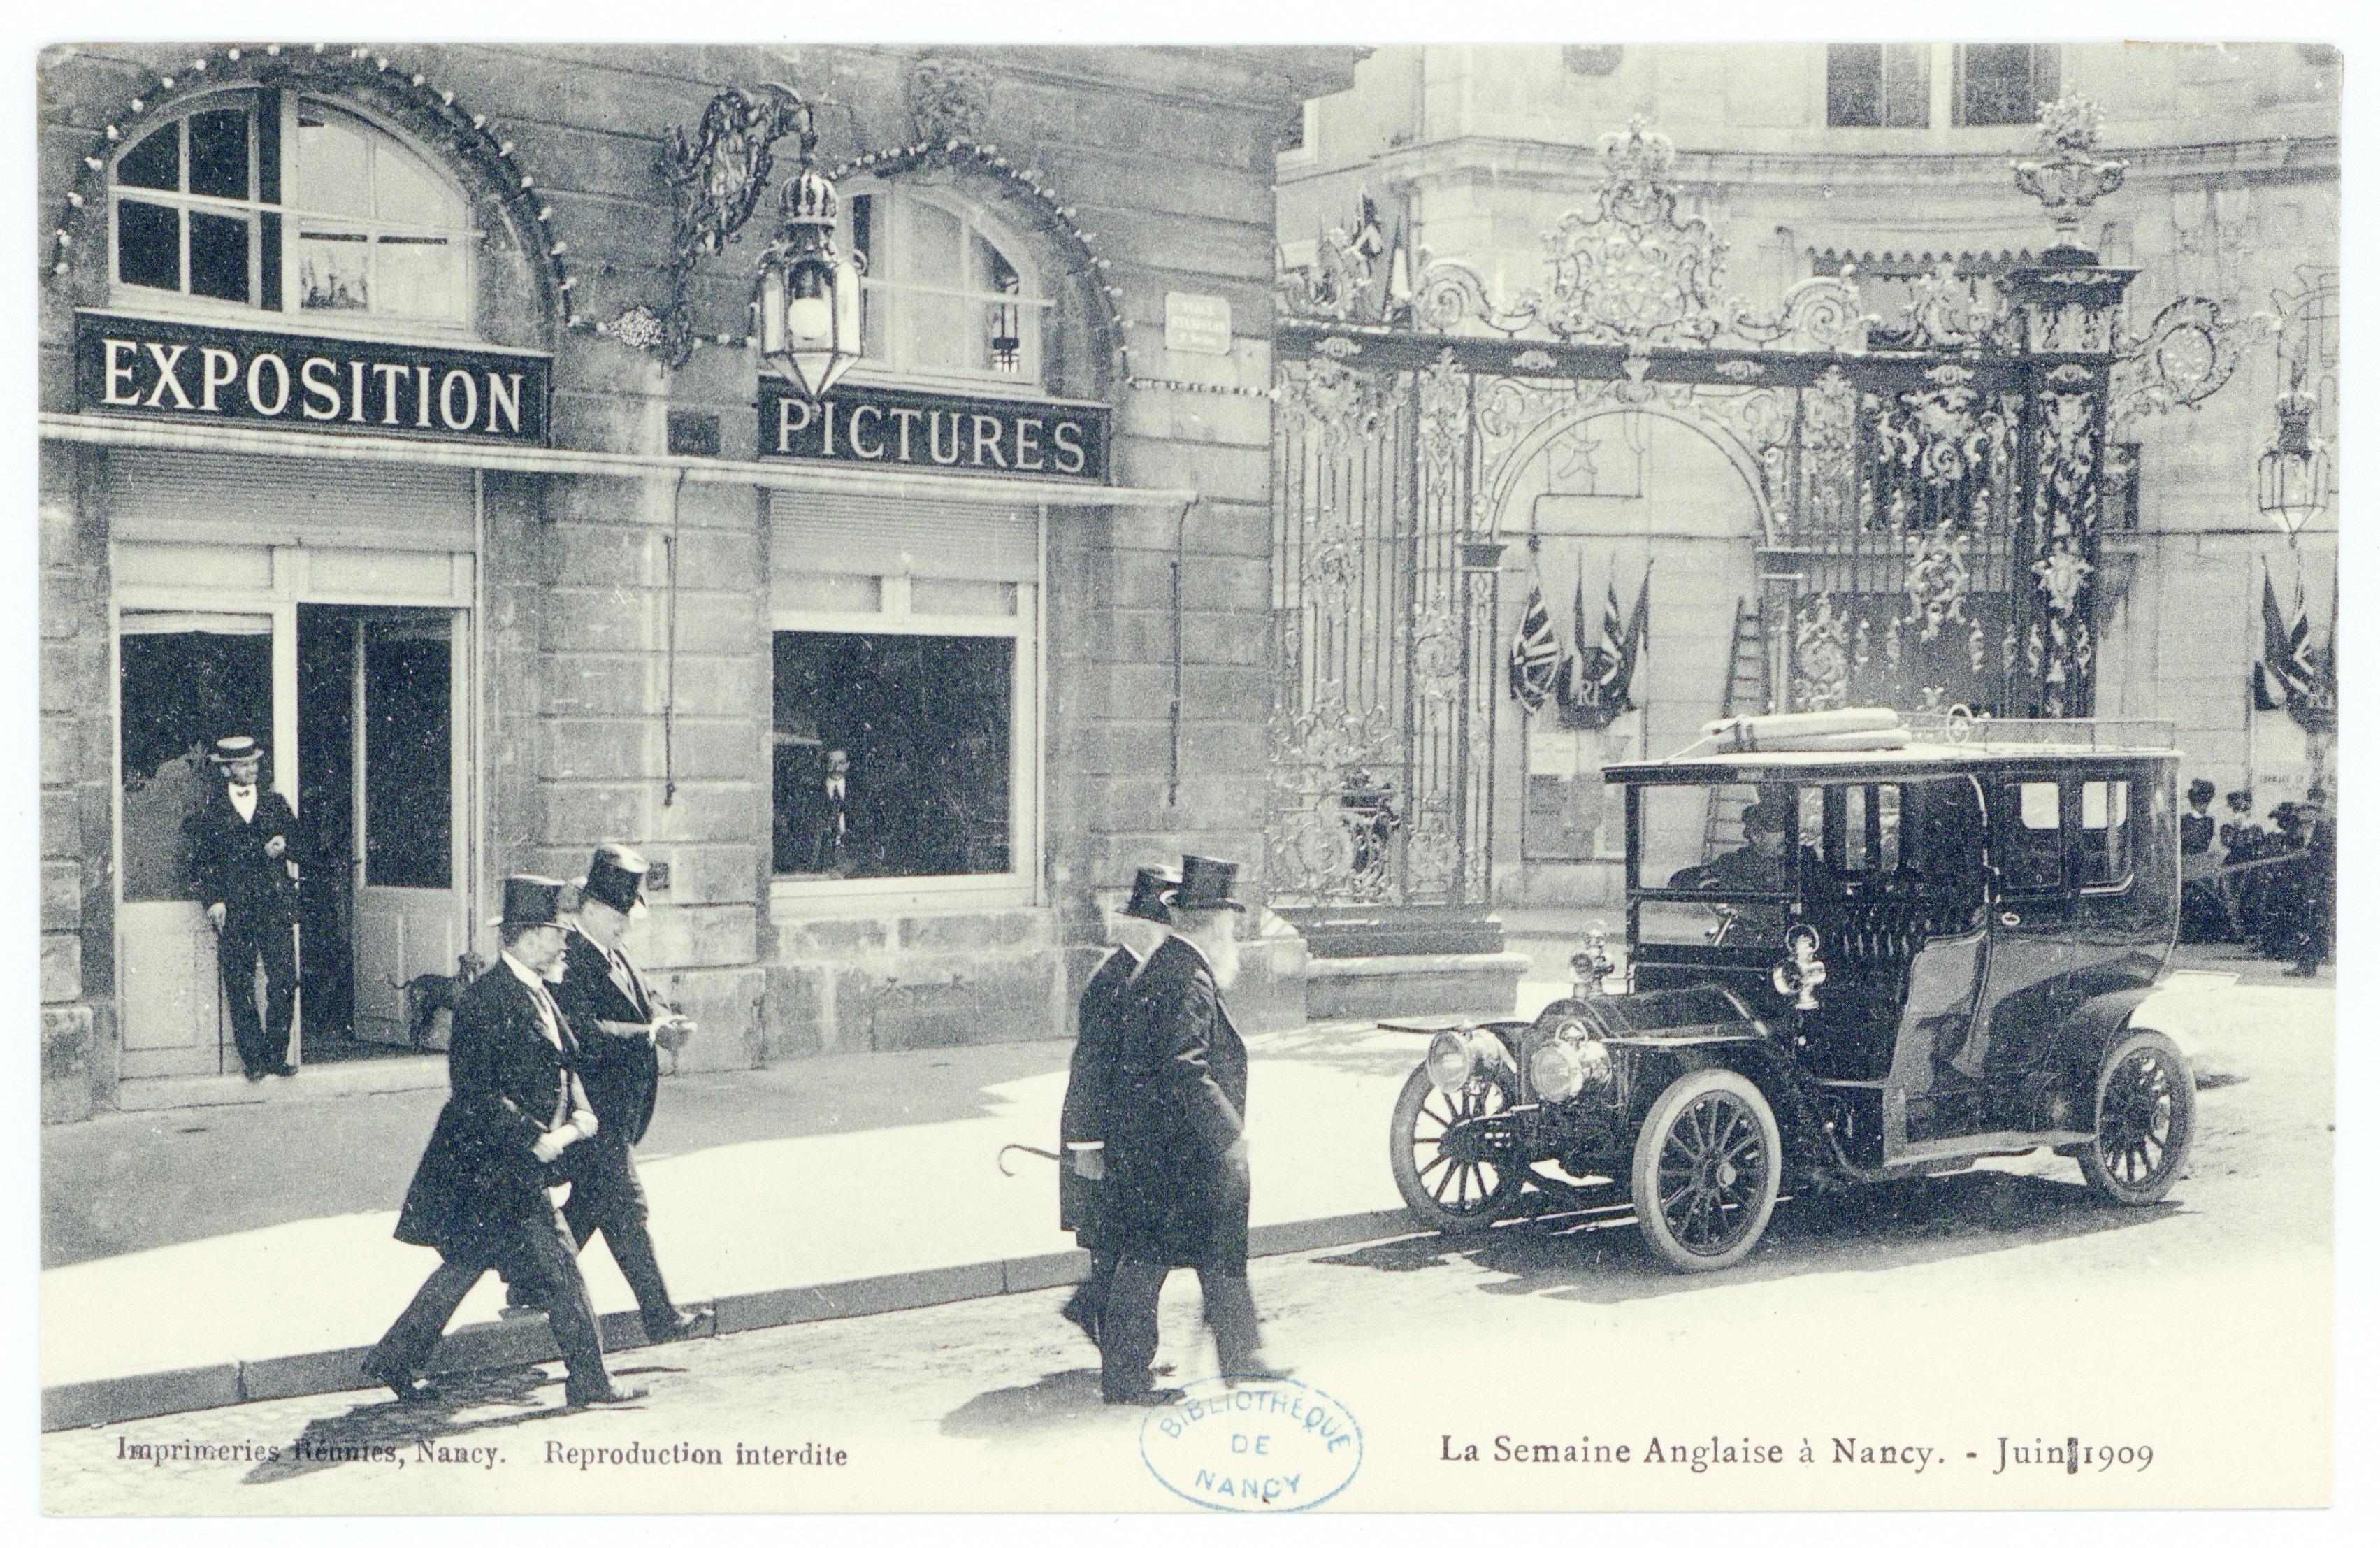 Contenu du La semaine anglaise à Nancy, juin 1909